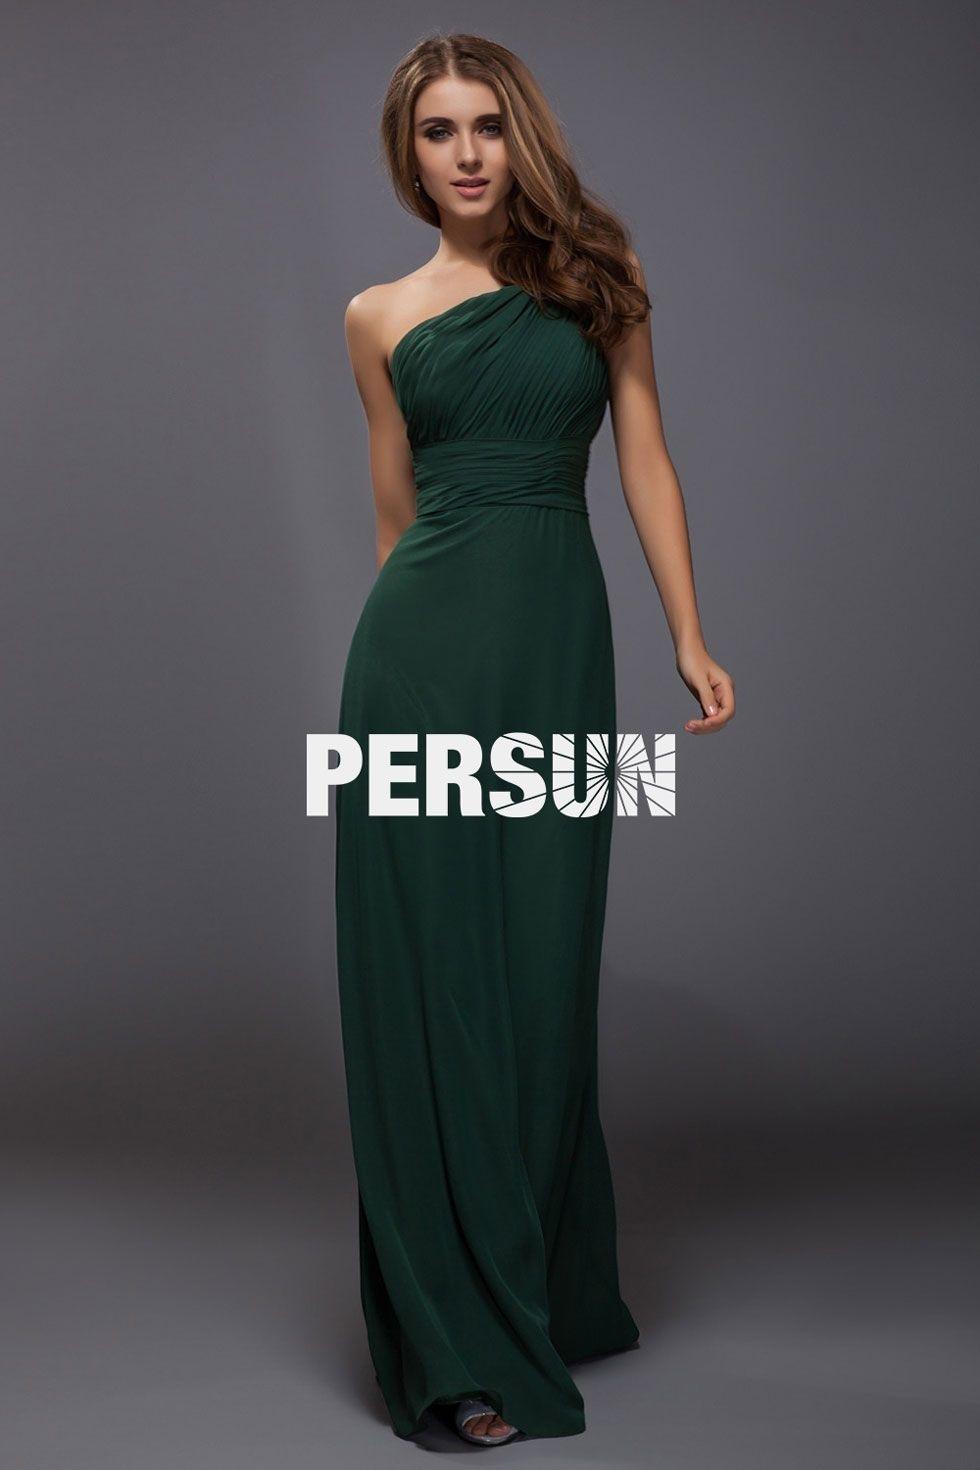 10 Wunderbar Kleid Royalblau Hochzeit SpezialgebietAbend Erstaunlich Kleid Royalblau Hochzeit Spezialgebiet